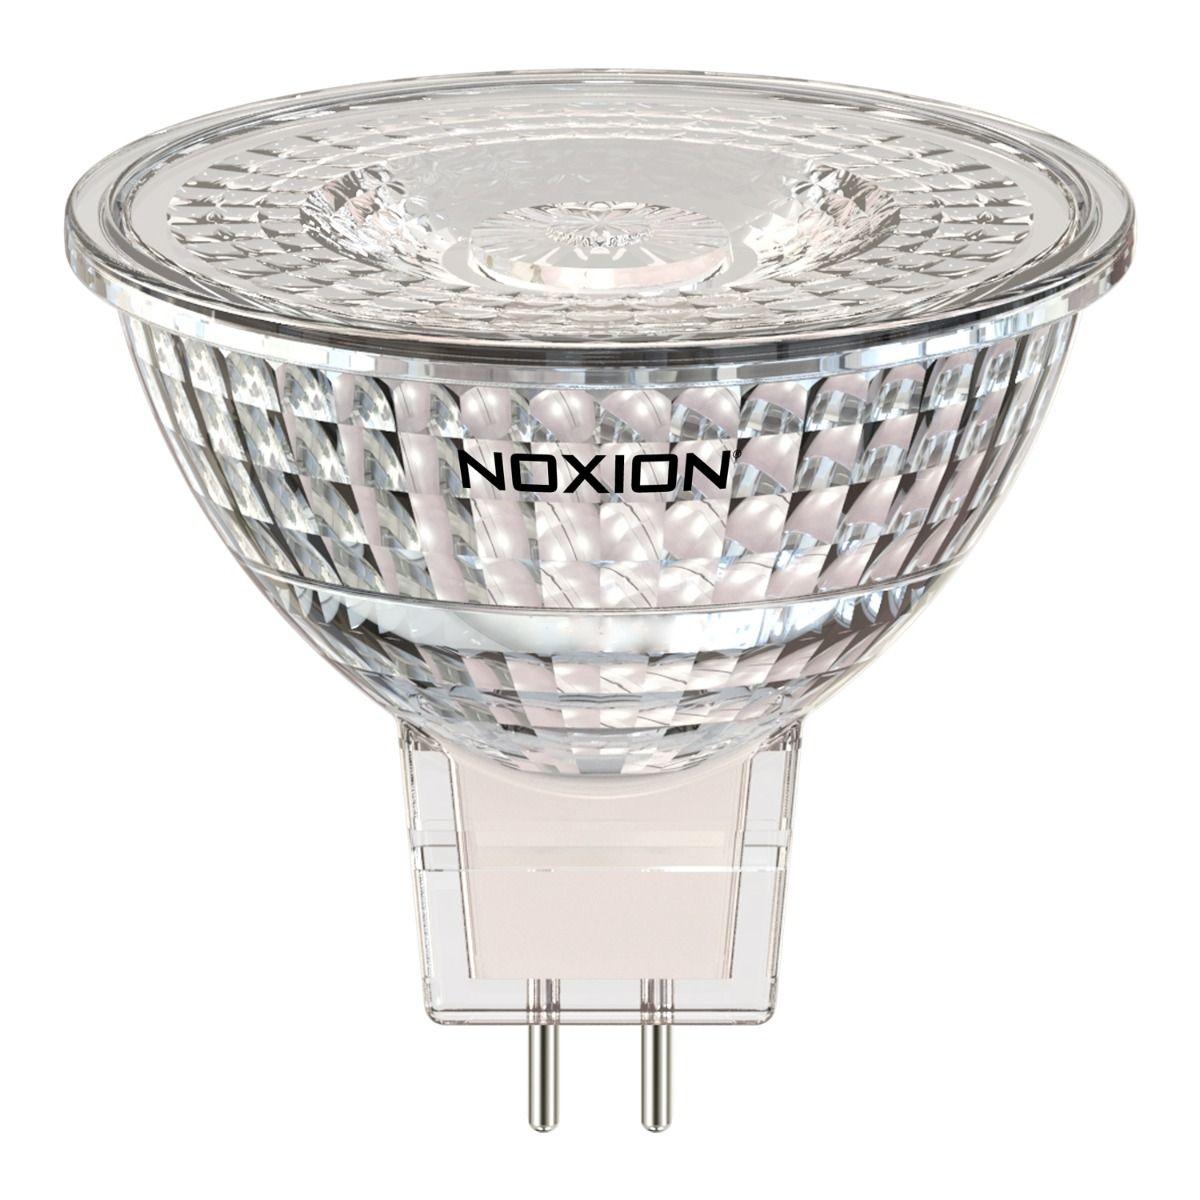 Noxion LED Kohdevalaisin GU5.3 4.5W 827 36D 400lm | Erittäin Lämmin Valkoinen - Korvaa 35W